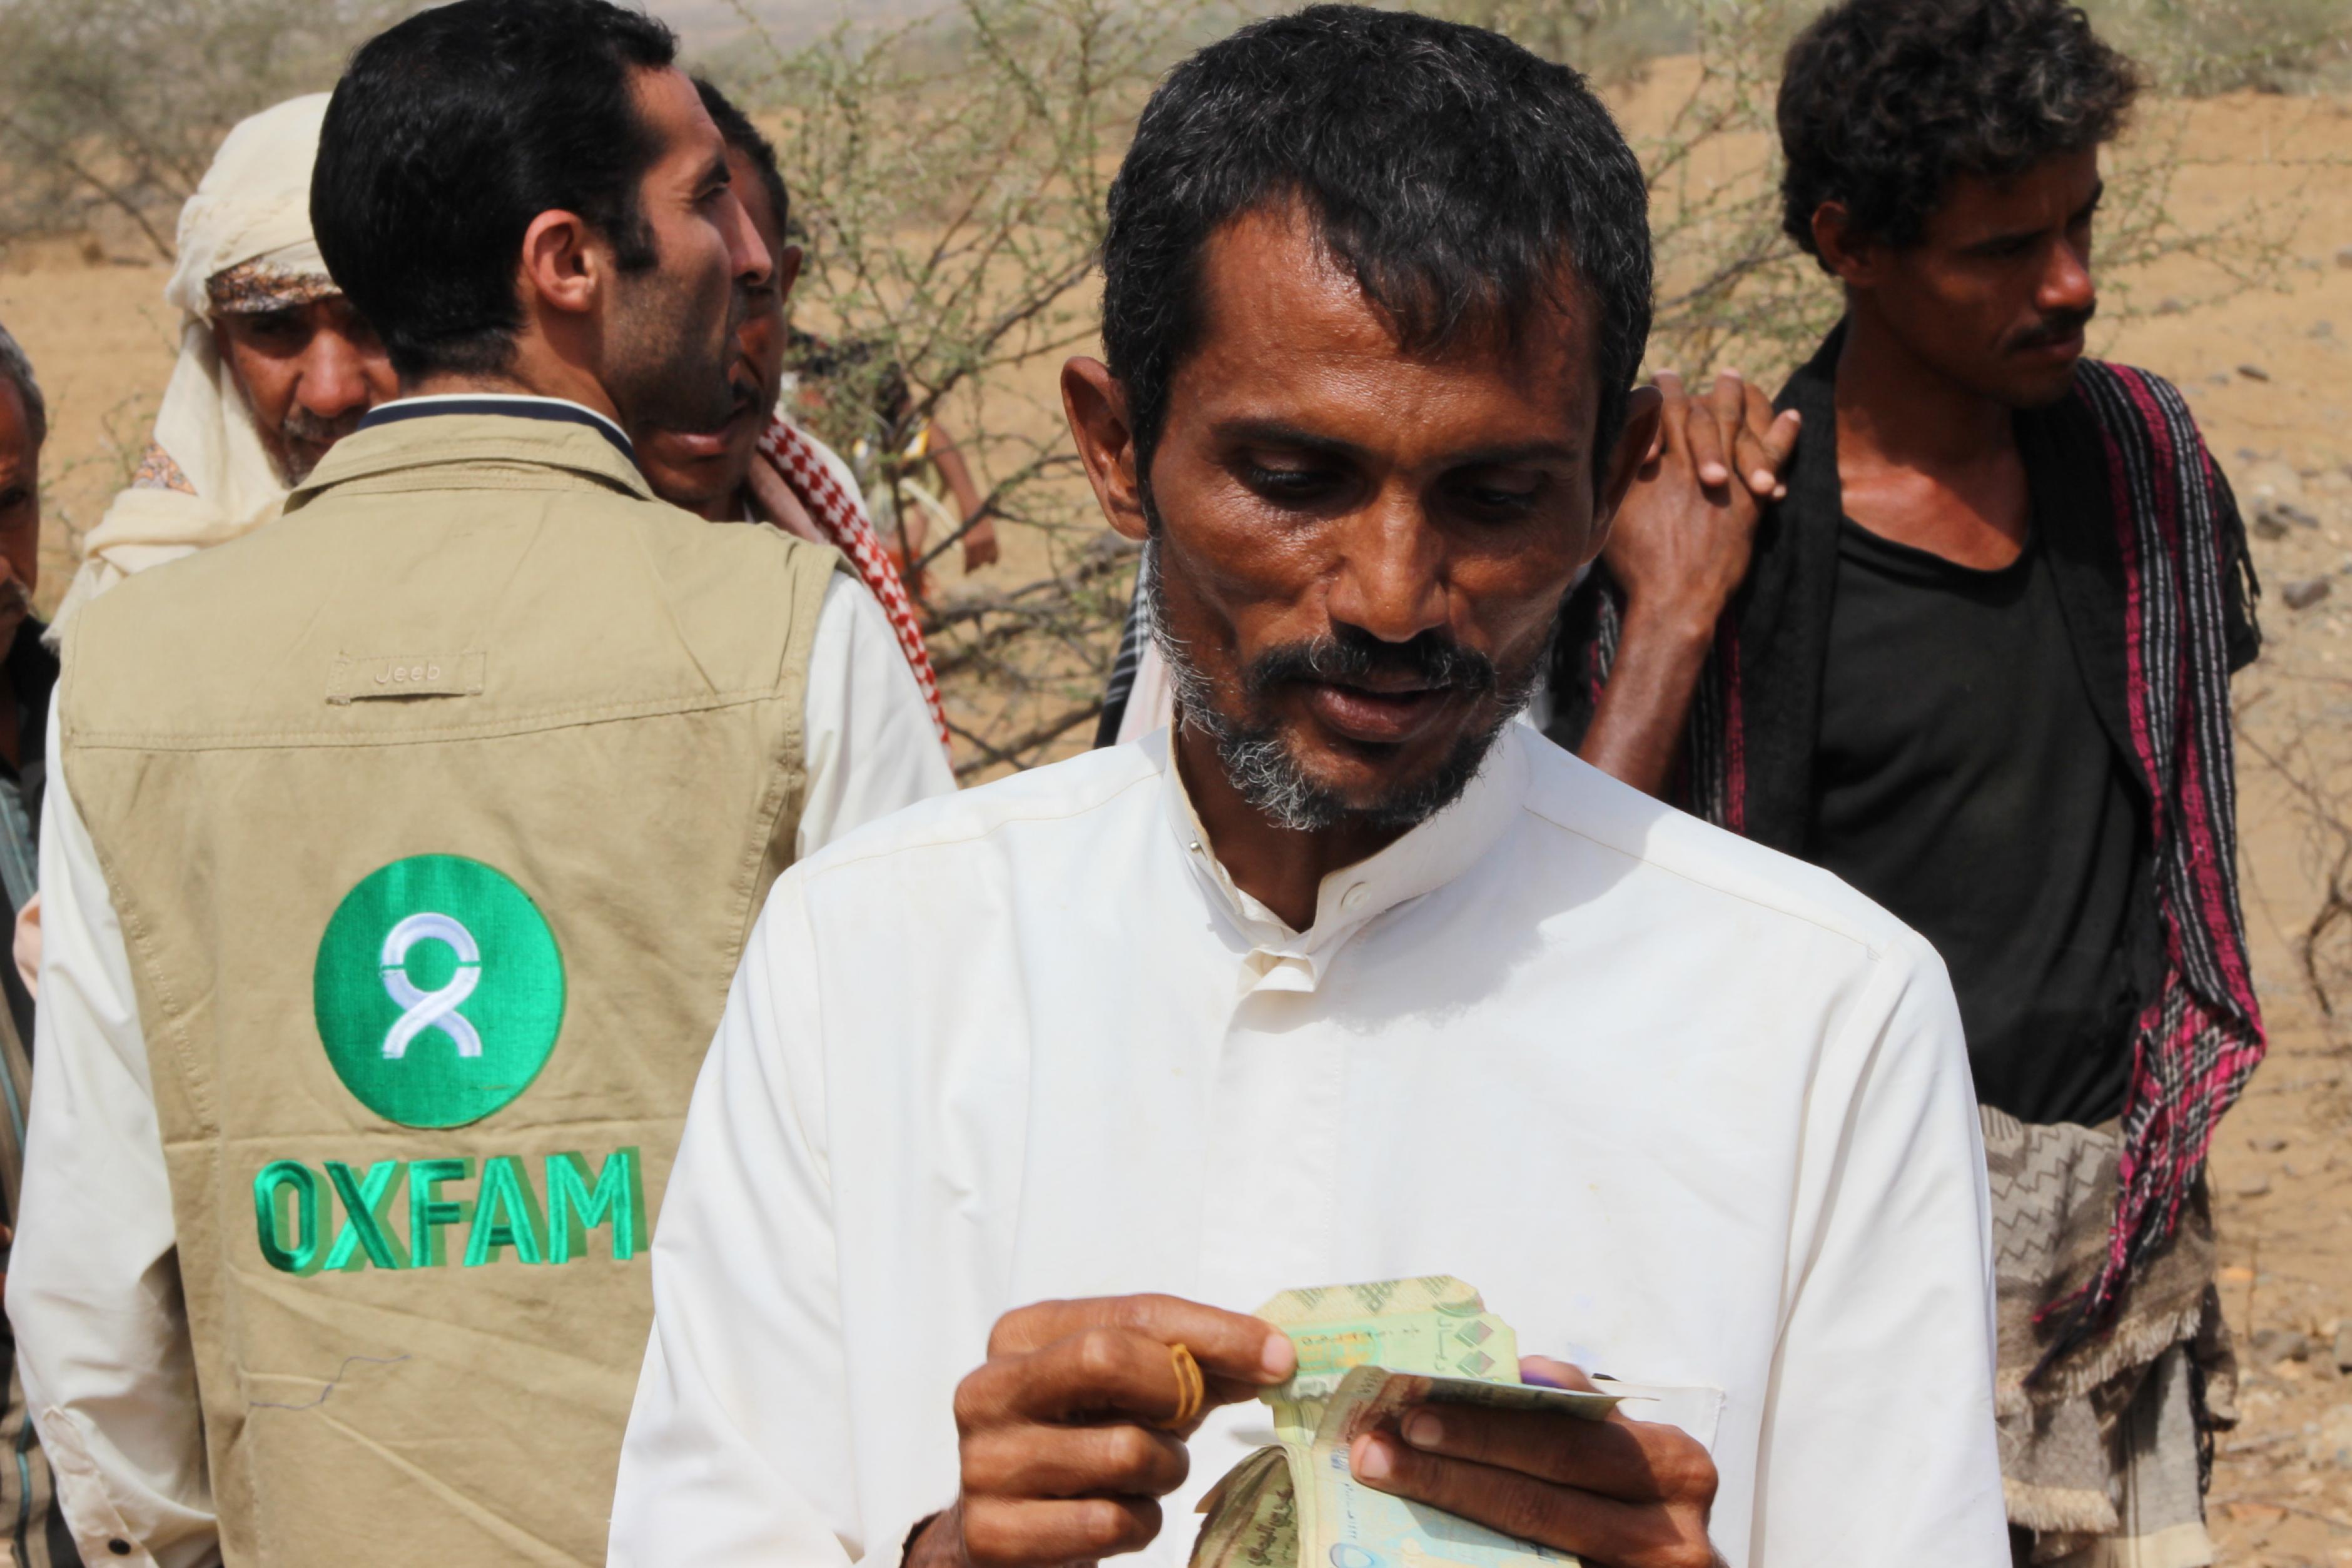 Ein Mann aus dem Jemen erhält Bargeld